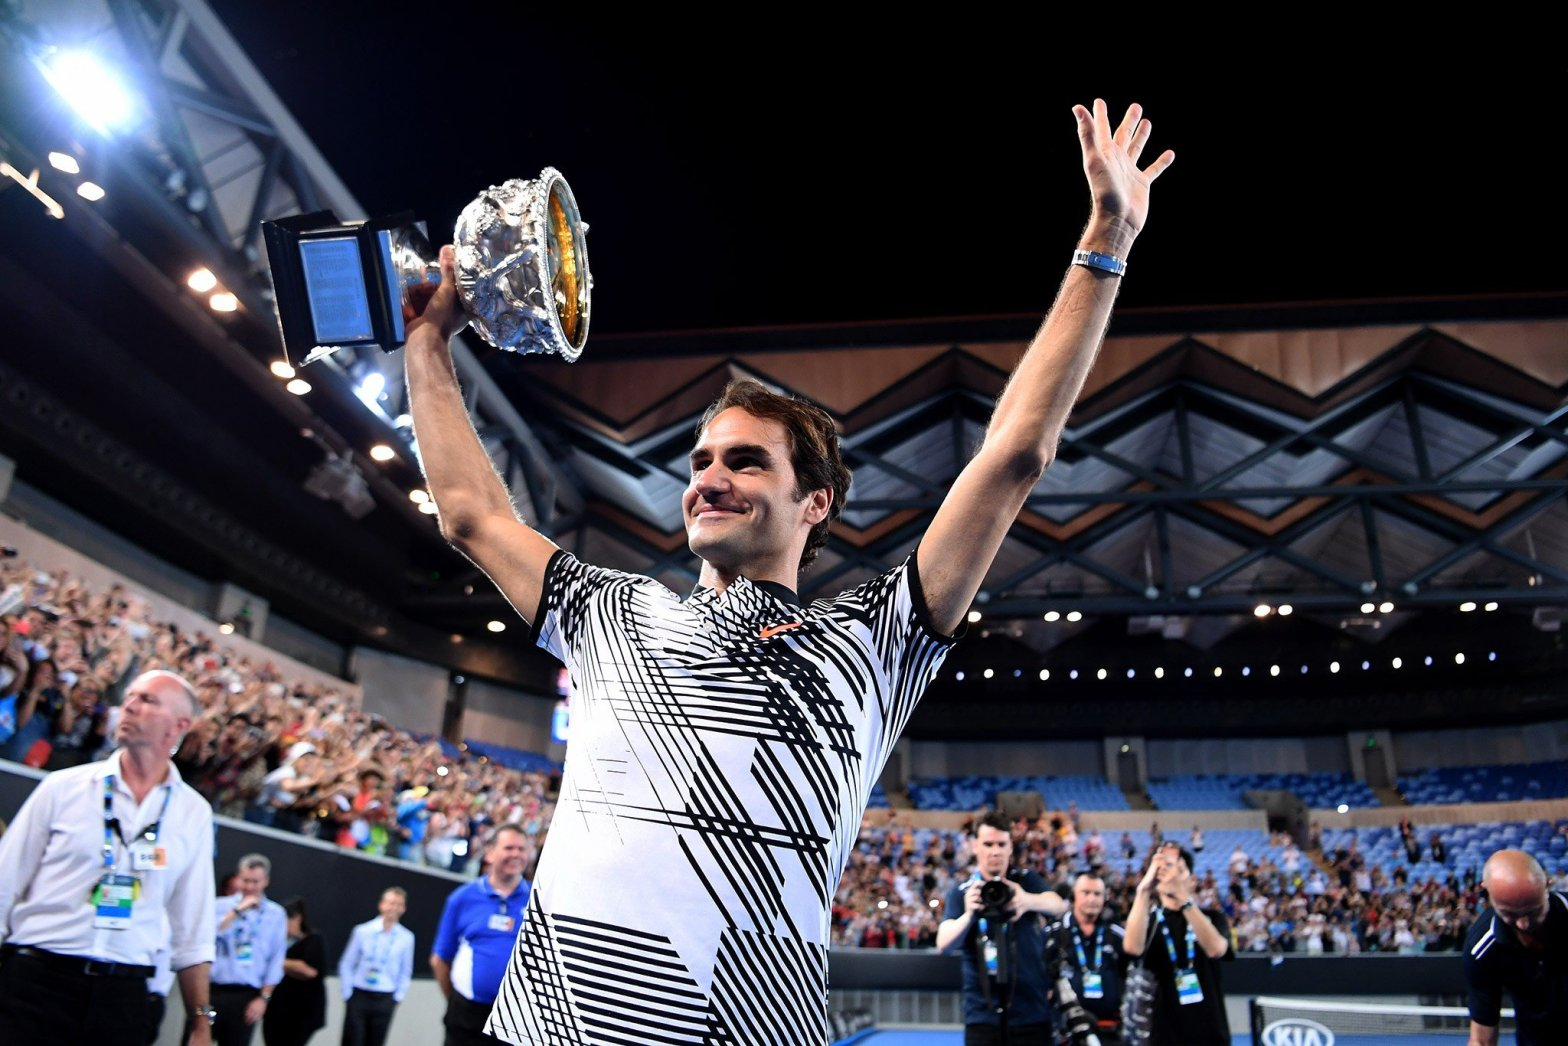 Roger Federer agigantó su leyenda tras consagrarse campeón del Abierto de Australia